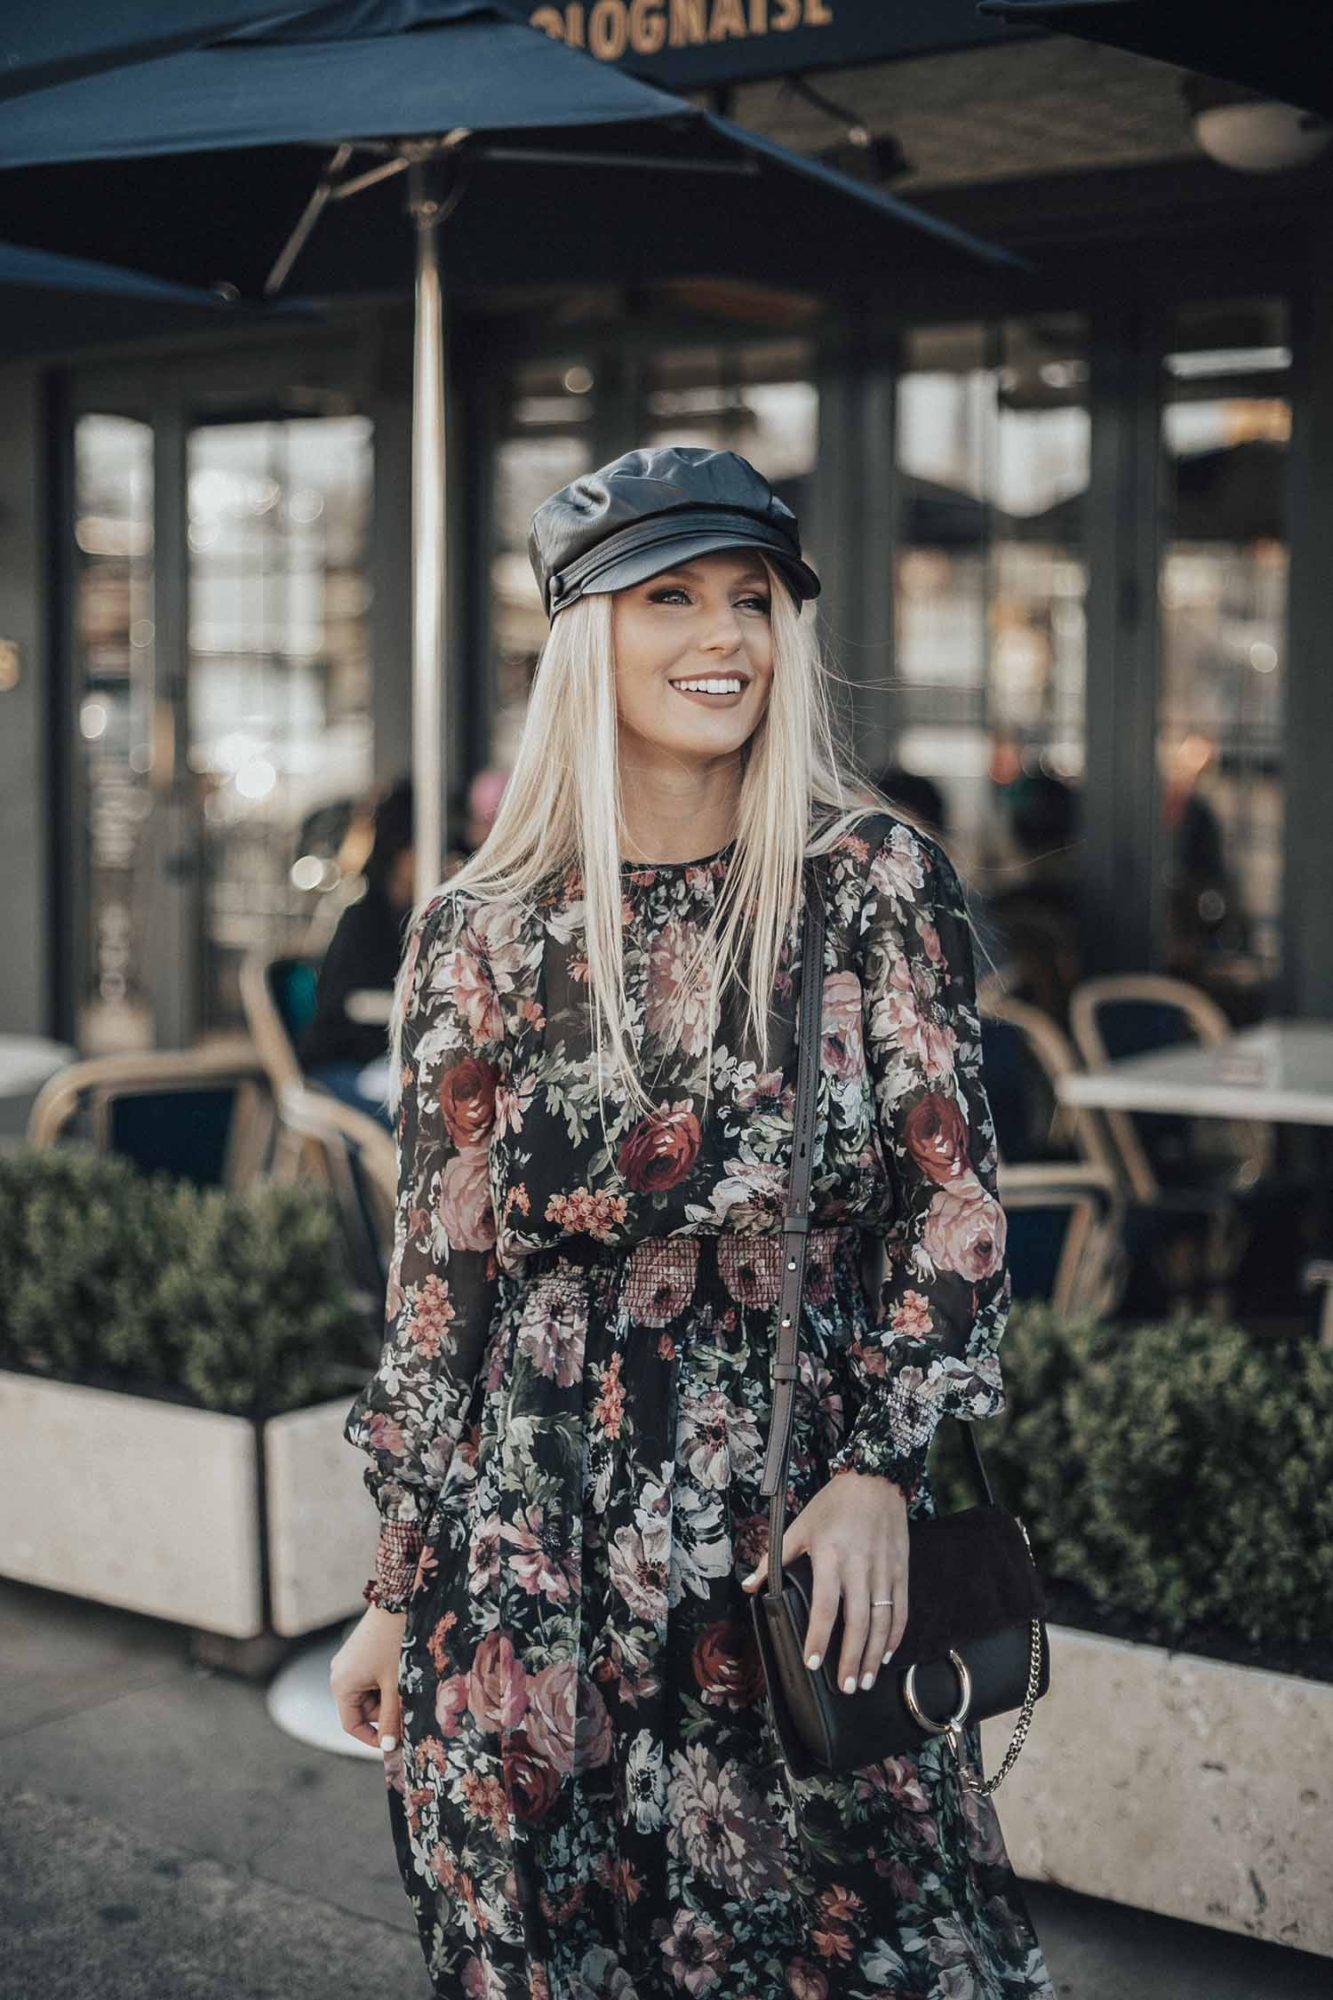 Floral Midi Dress + Announcement